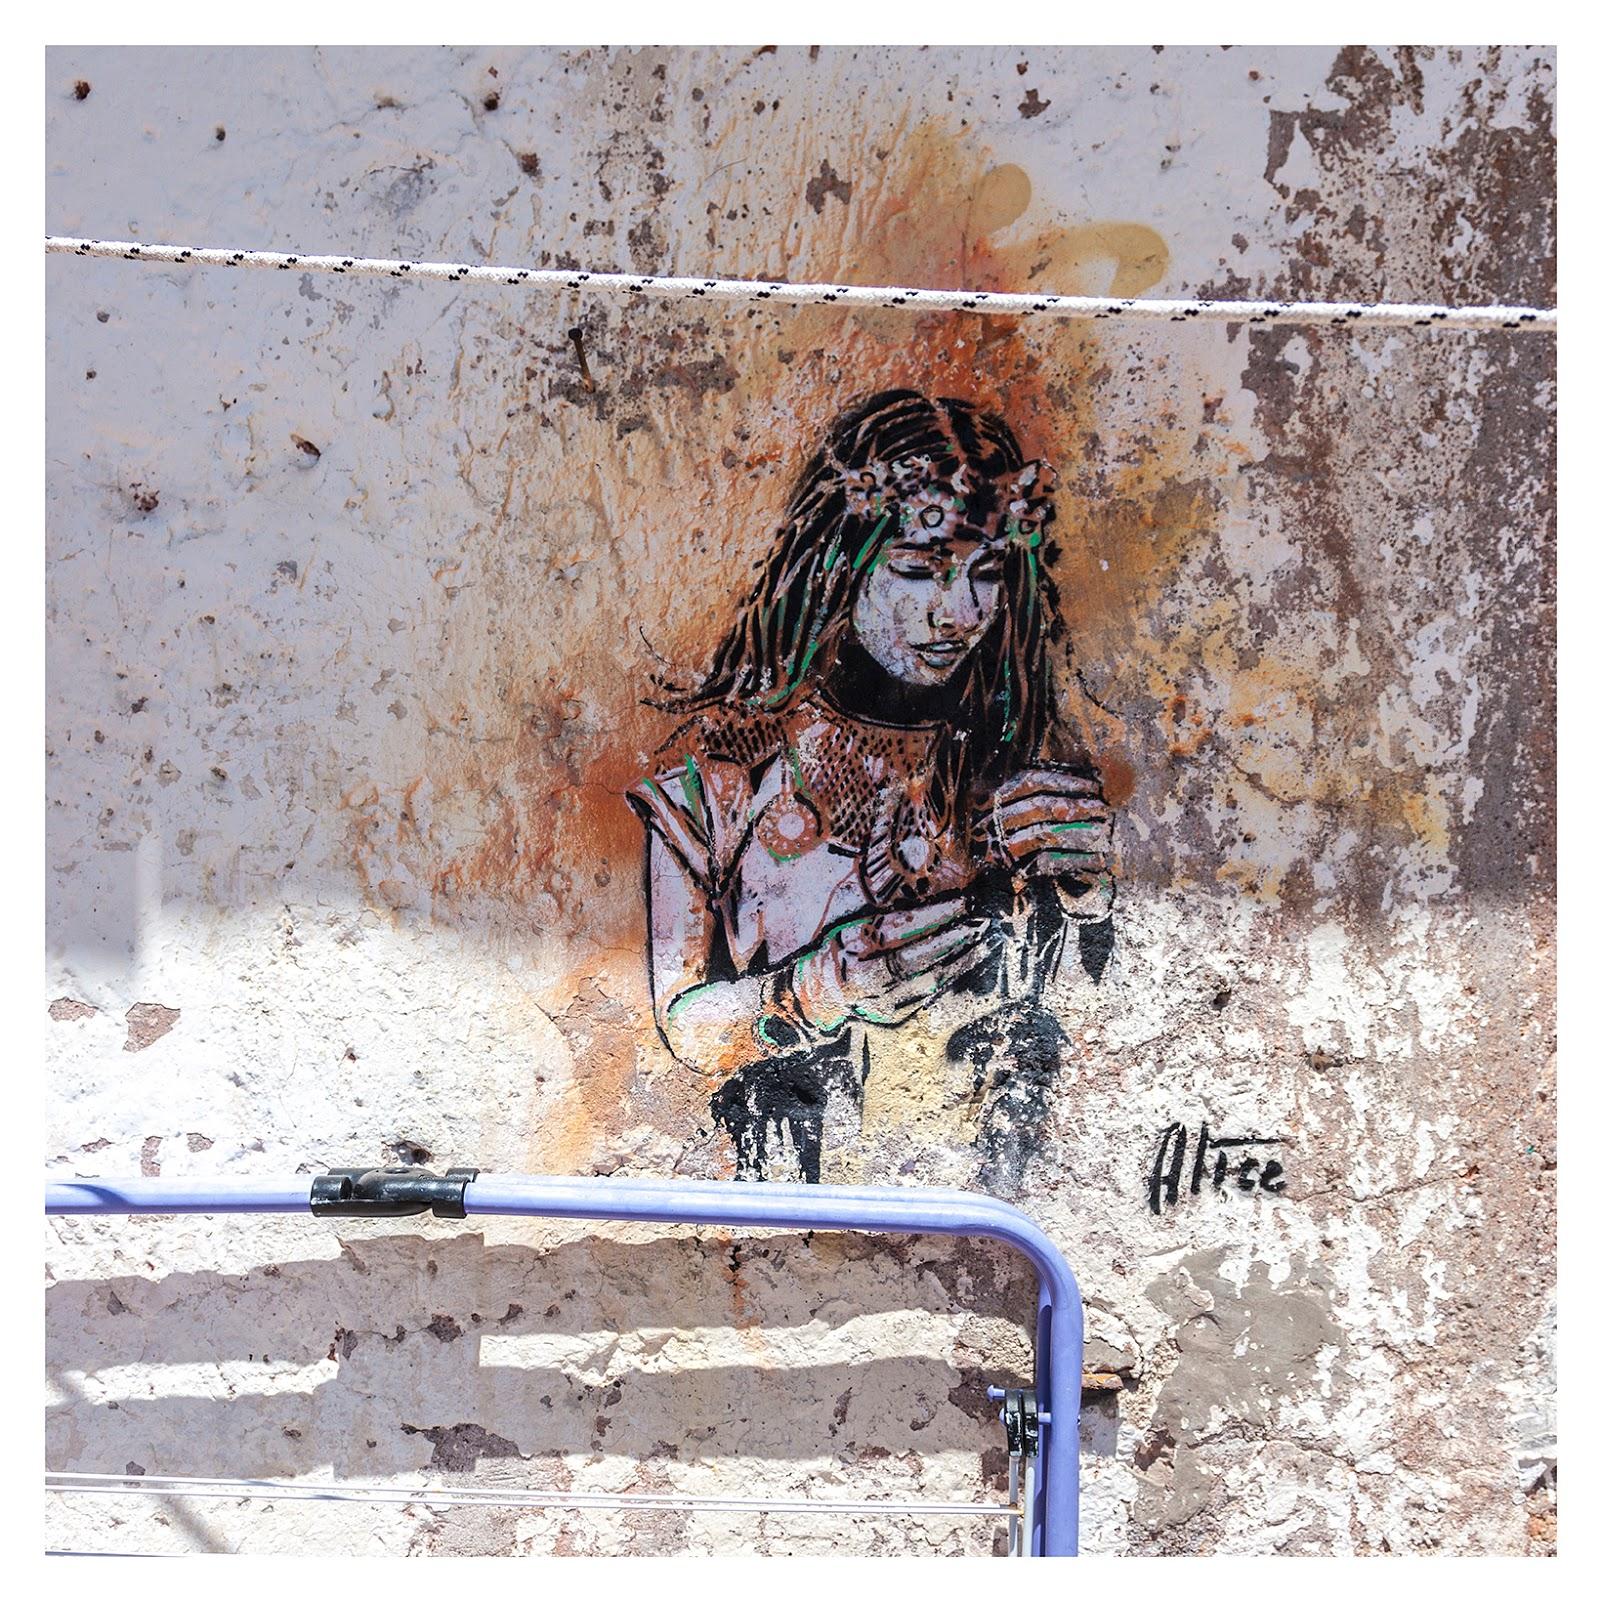 Stencil work in Rome by artist Alice Pasquini